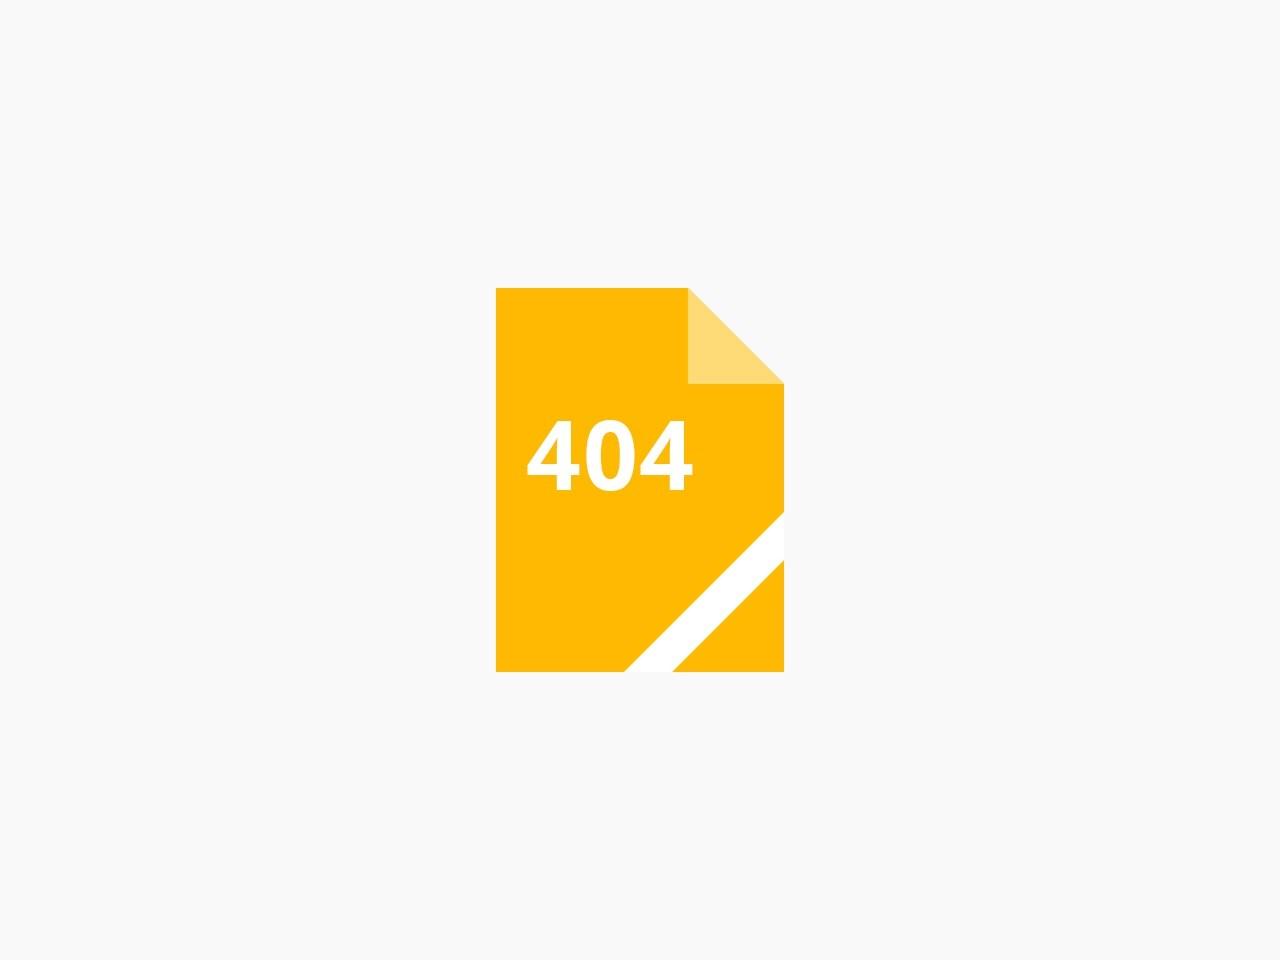 源码巴巴_免费源码分享论坛_网站模板素材下载